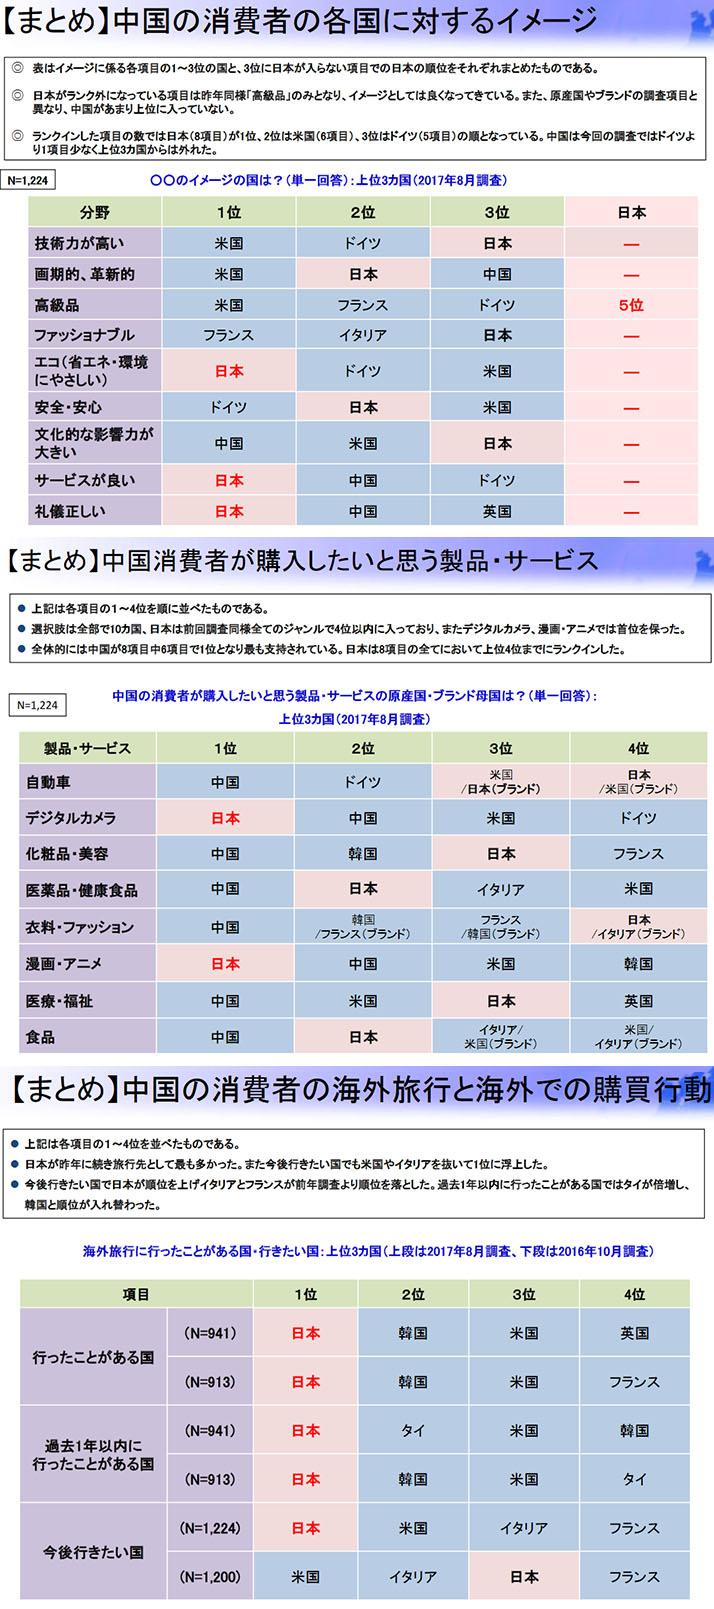 중국 소비자의 한국 일본 이미지조사 중국인이 가고 싶은 여행지 1위에 일본! 한국인 관광객도 폭증